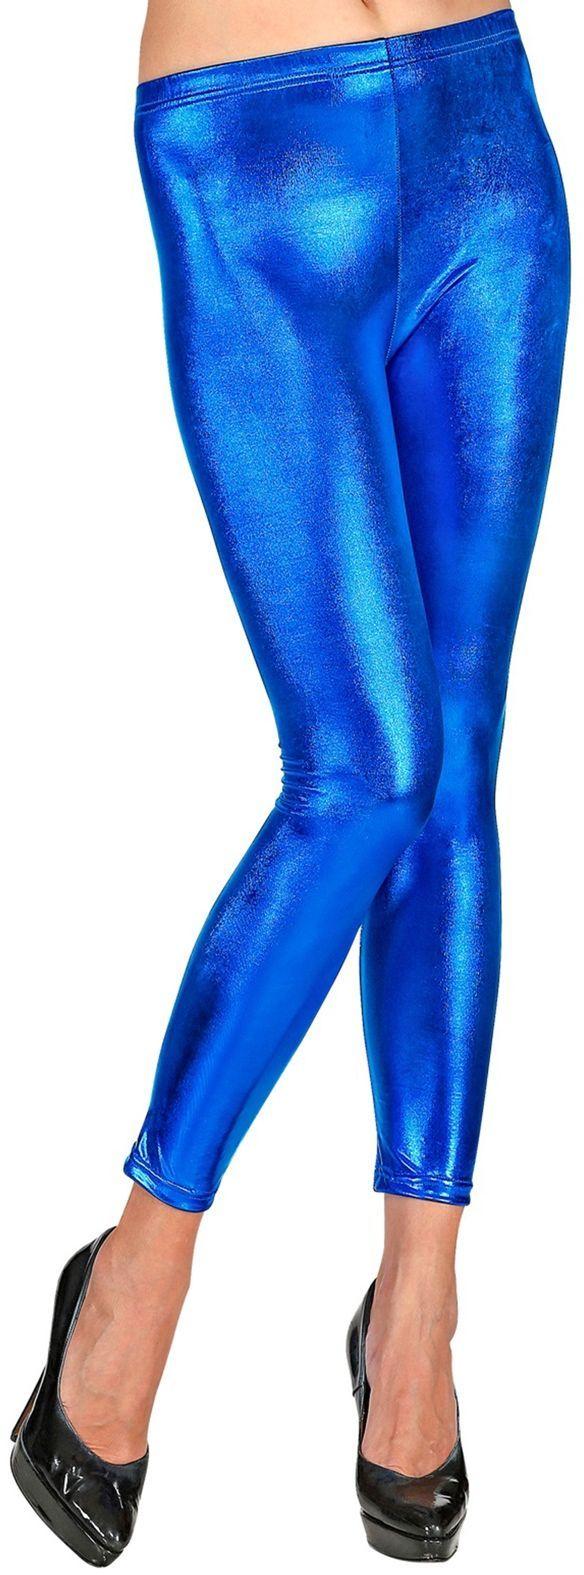 Legging dames blauw